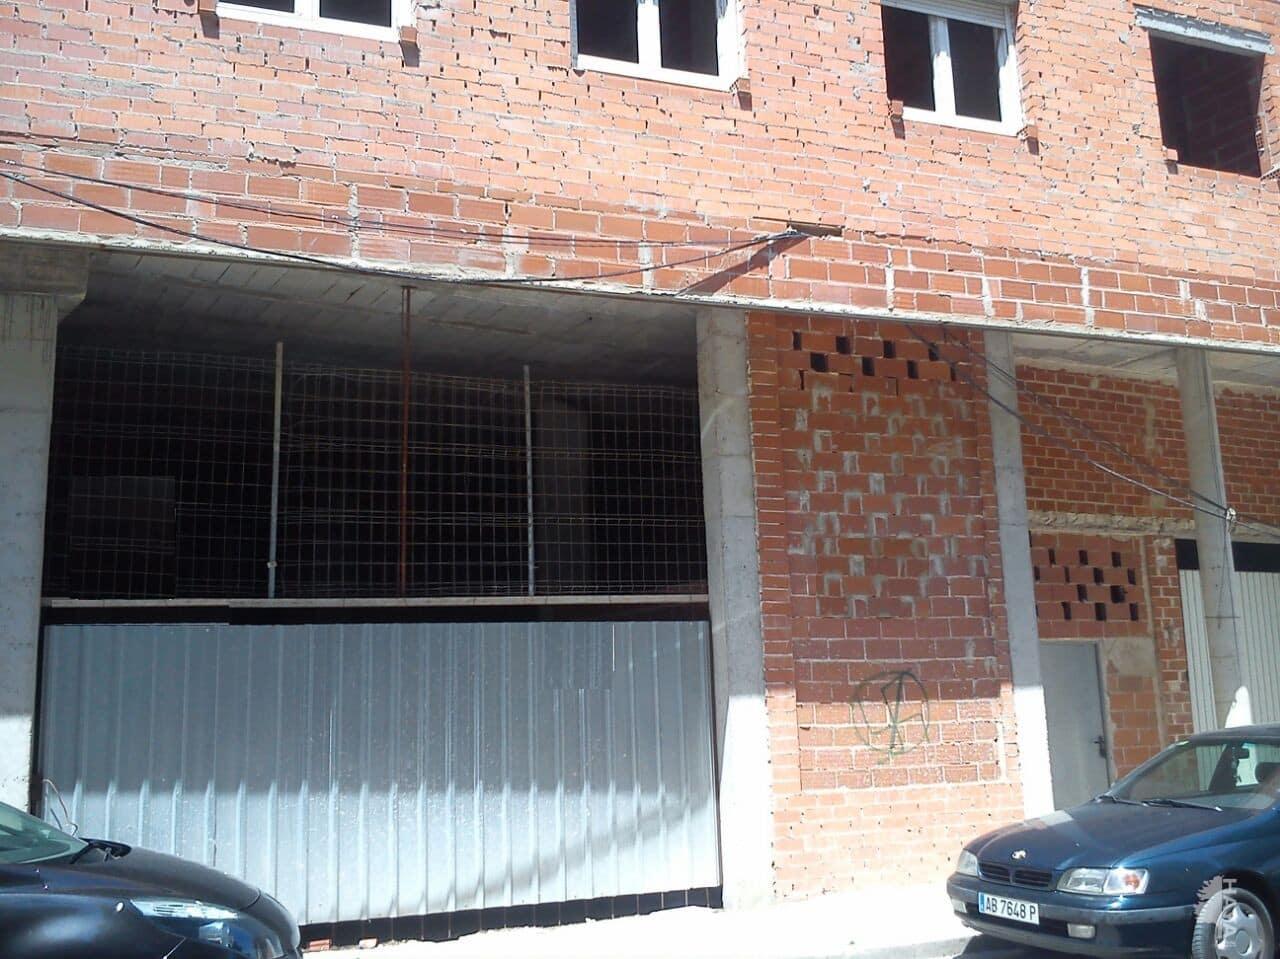 Piso en venta en La Roda, la Roda, Albacete, Plaza Juan Garcia Glz, 58.800 €, 1 habitación, 1 baño, 135 m2